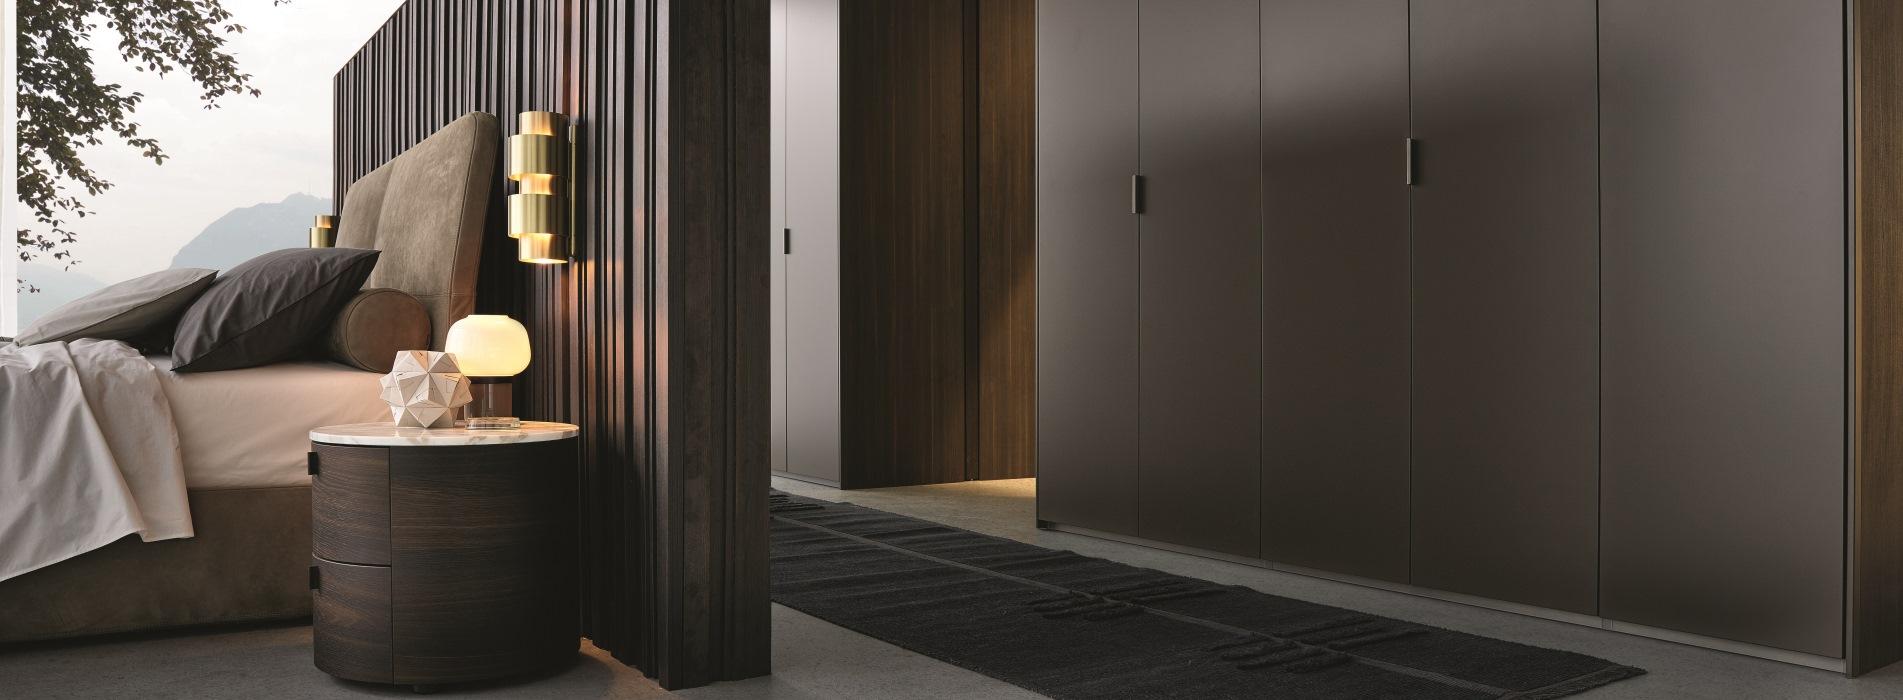 inside-concept-architecture-d-interieur-dressing-sur-mesure